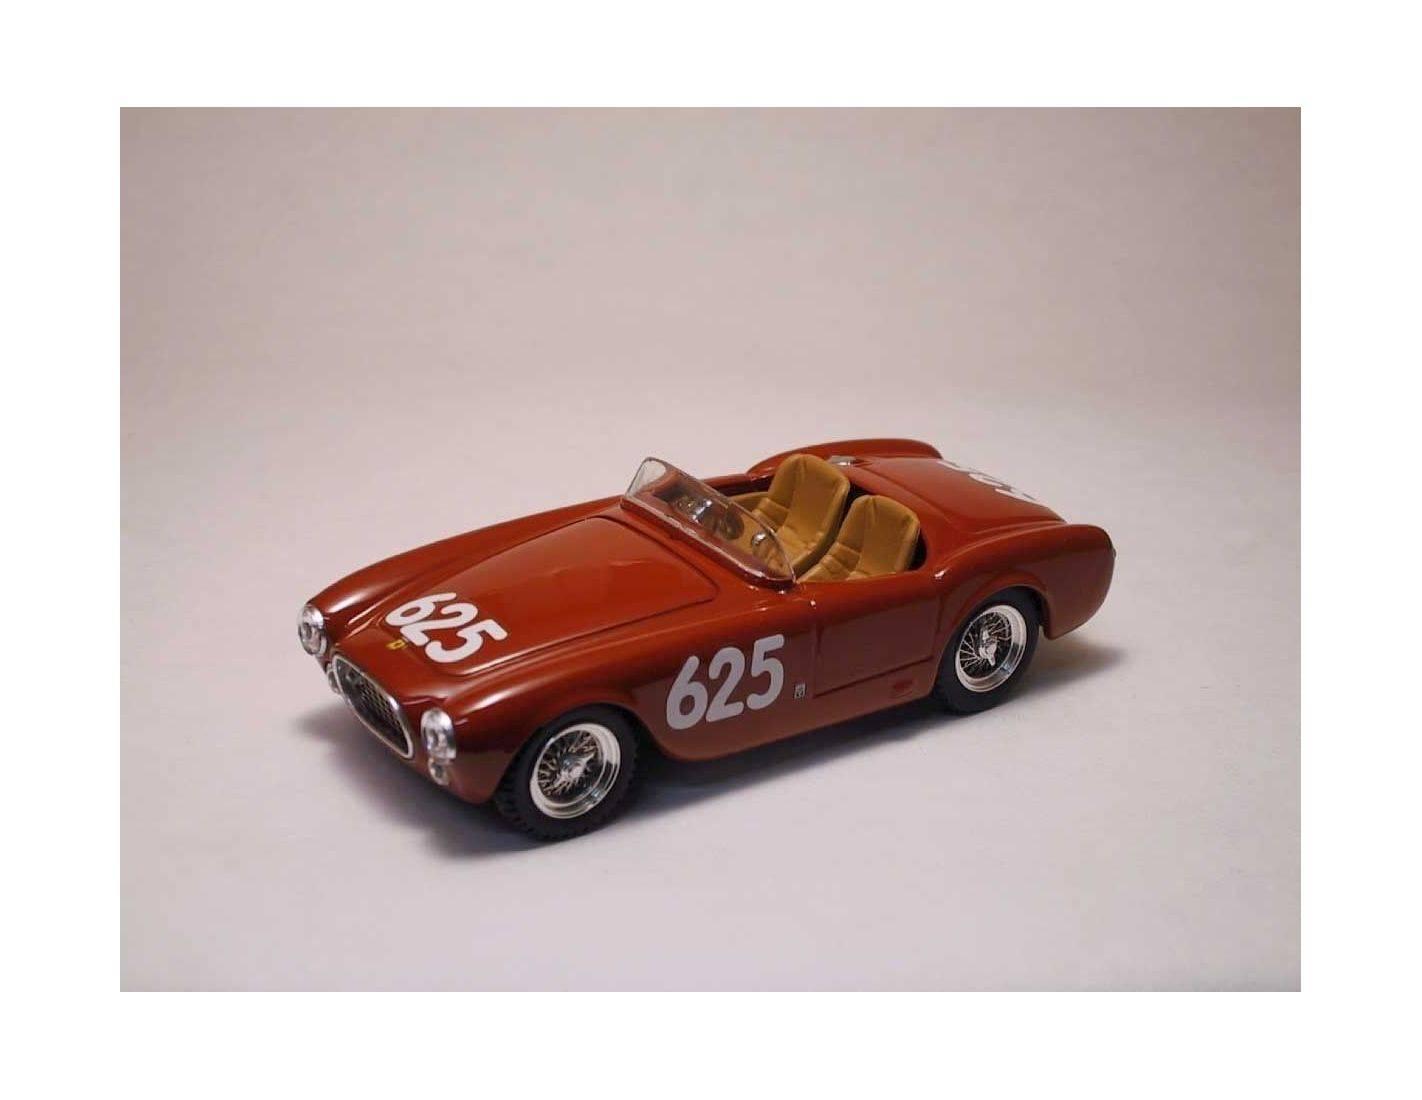 Art Model AM0101 FERRARI 250 S N.625 RETIRED MM 1952 MARZOTTO-MARCHETTO 1:43 Modellino